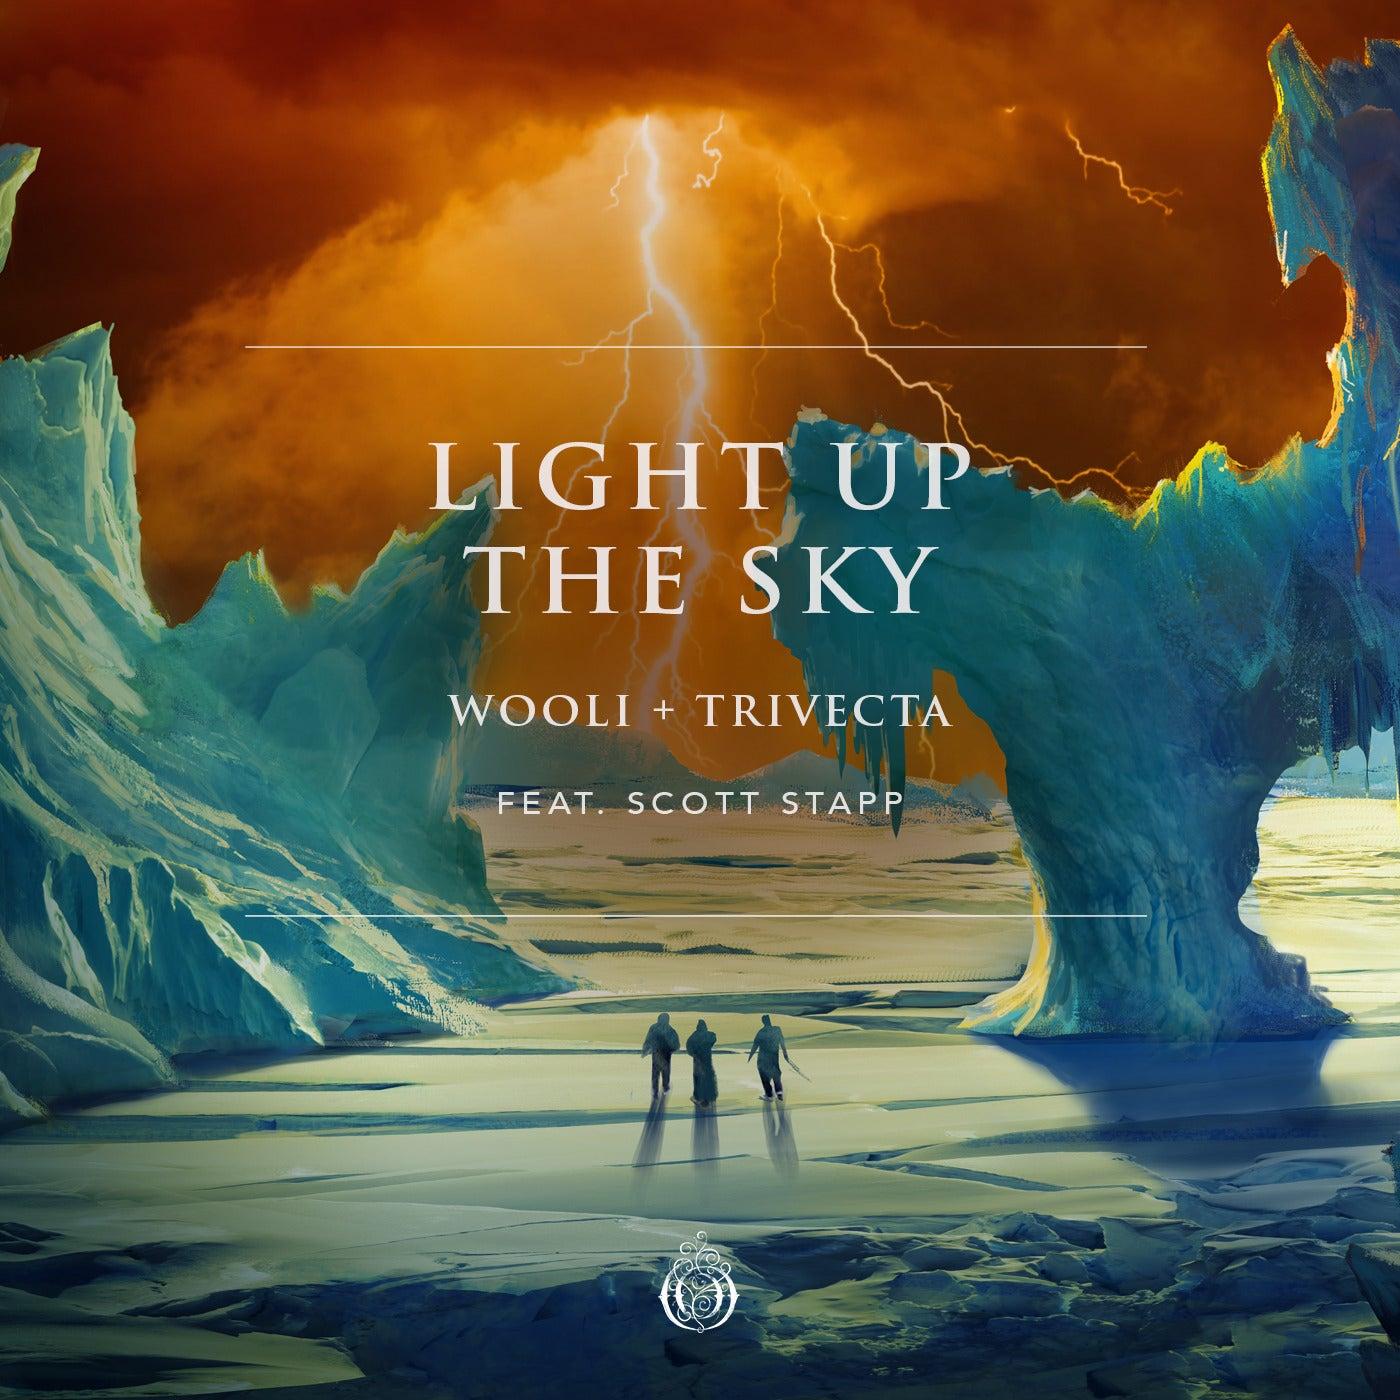 Light Up The Sky (feat. Scott Stapp) feat. Scott Stapp (Original Mix)